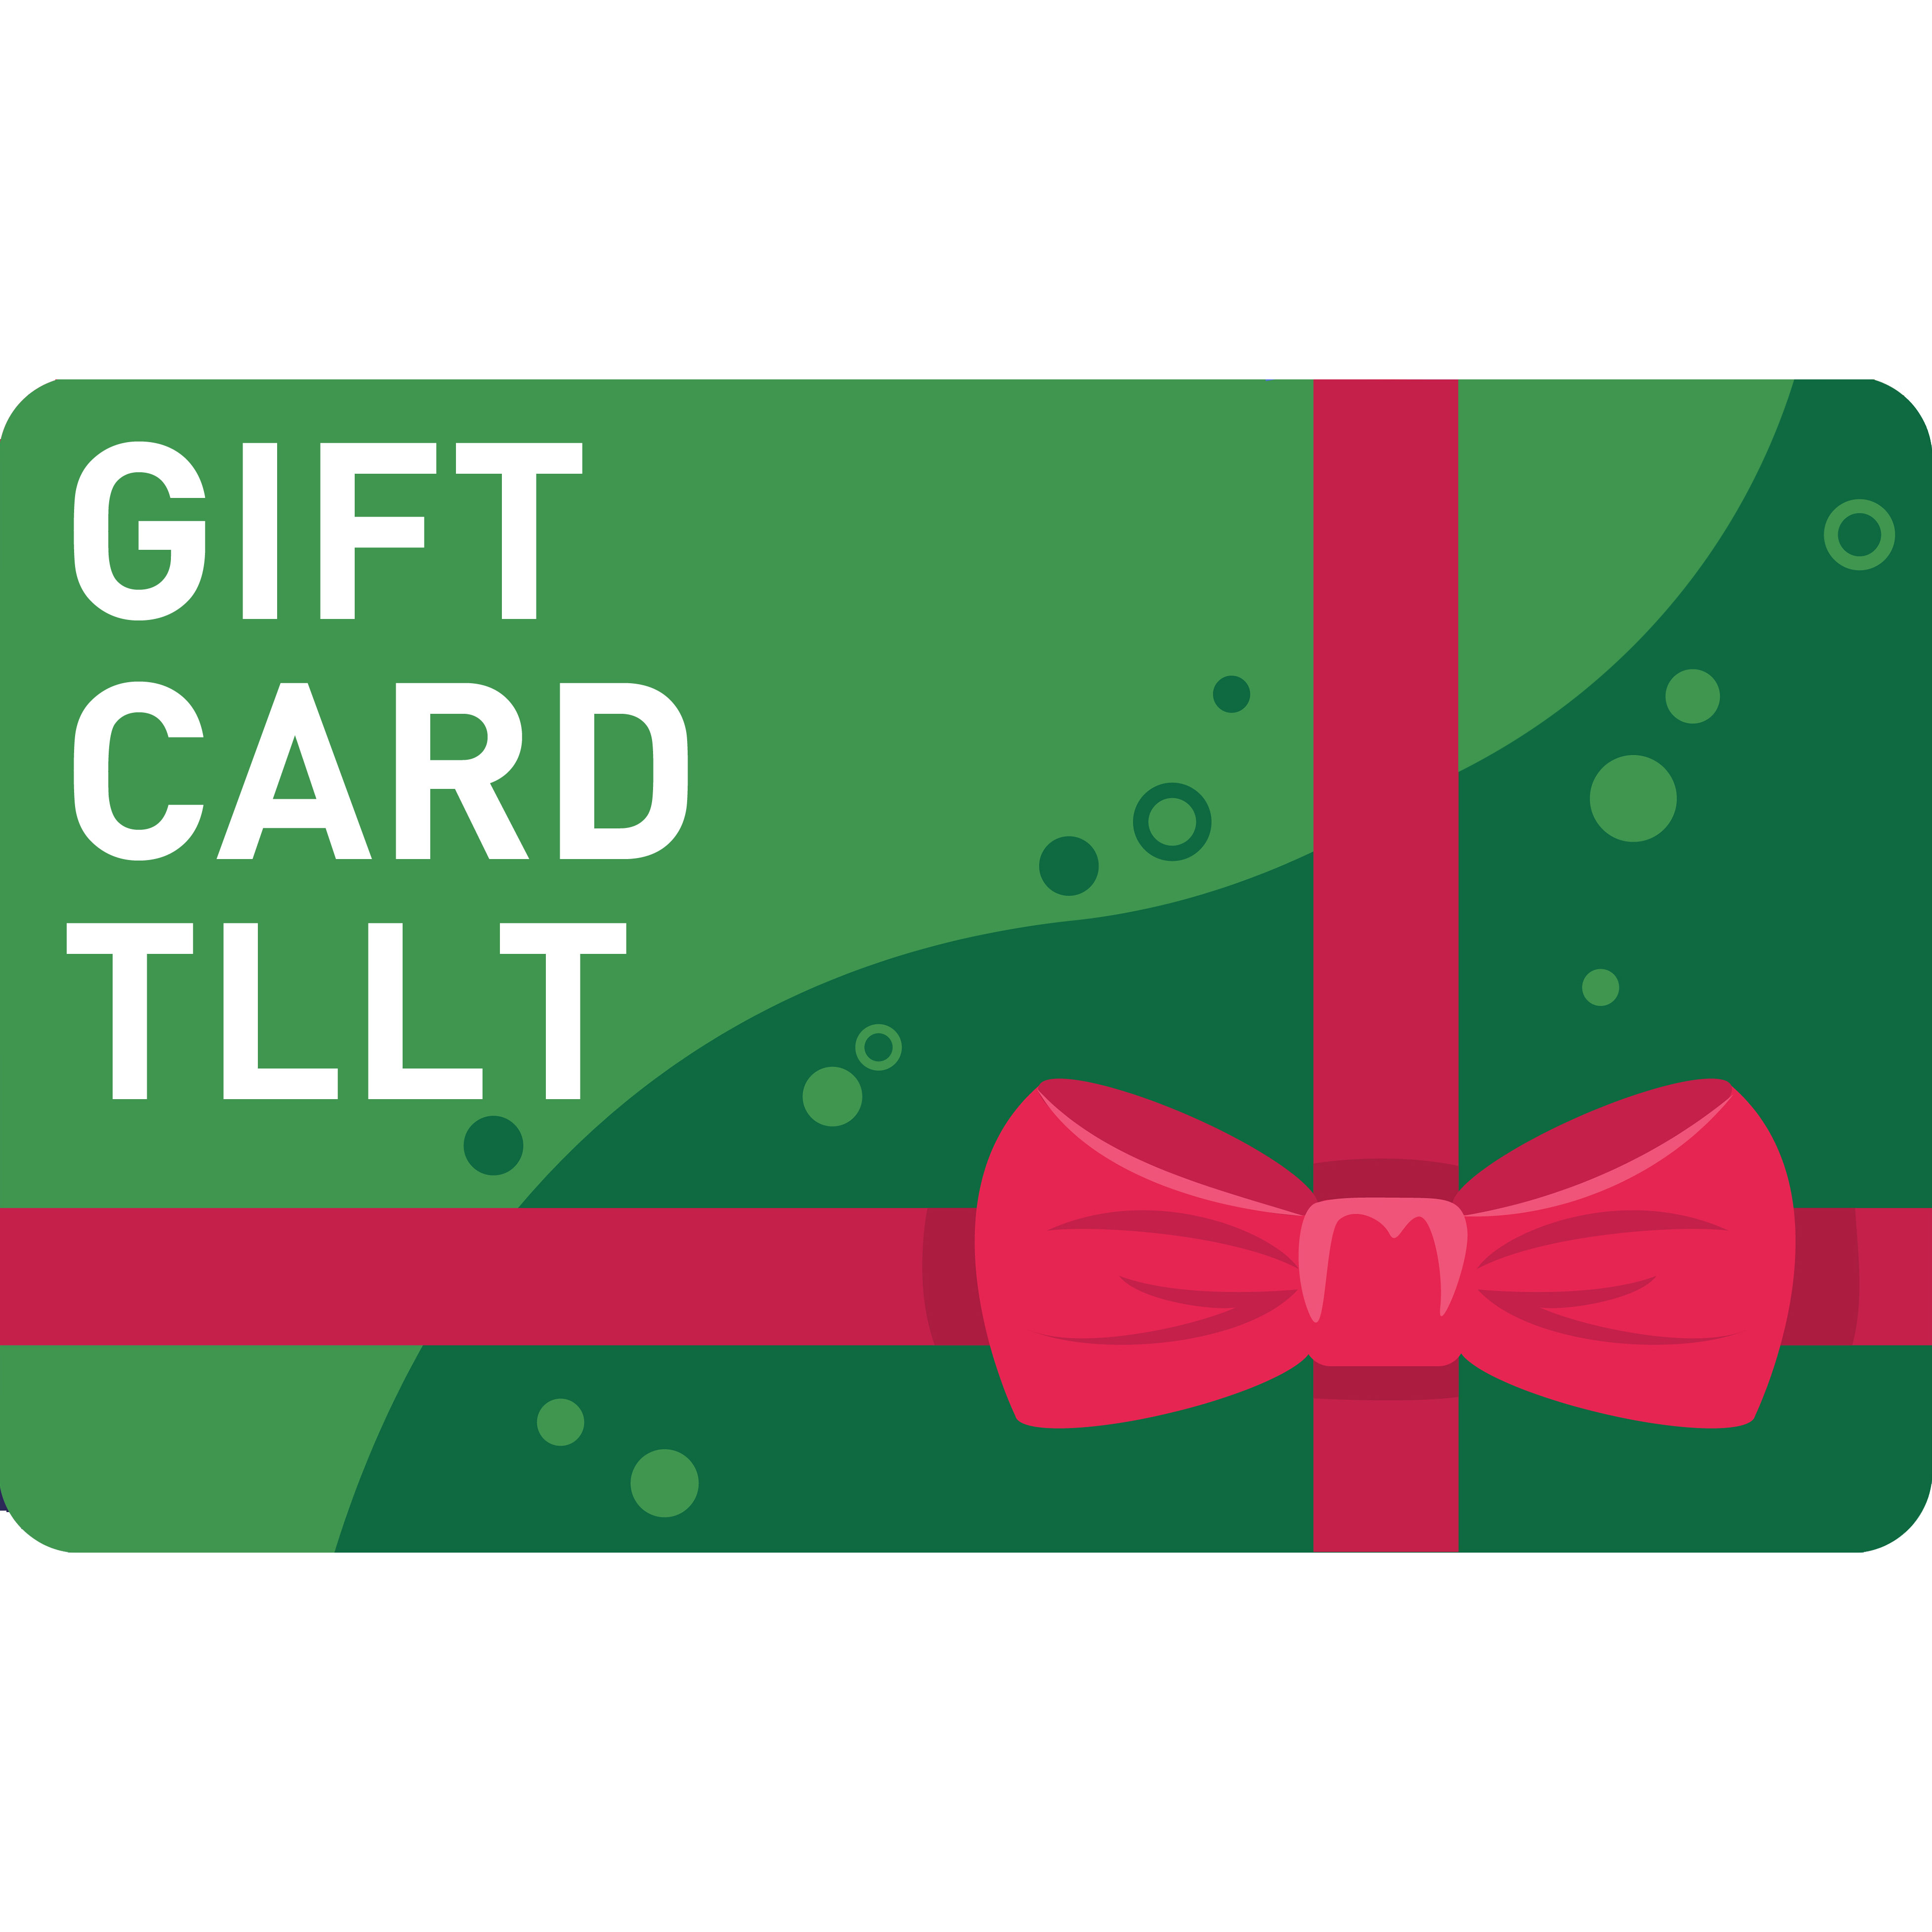 Gift Card TLLT